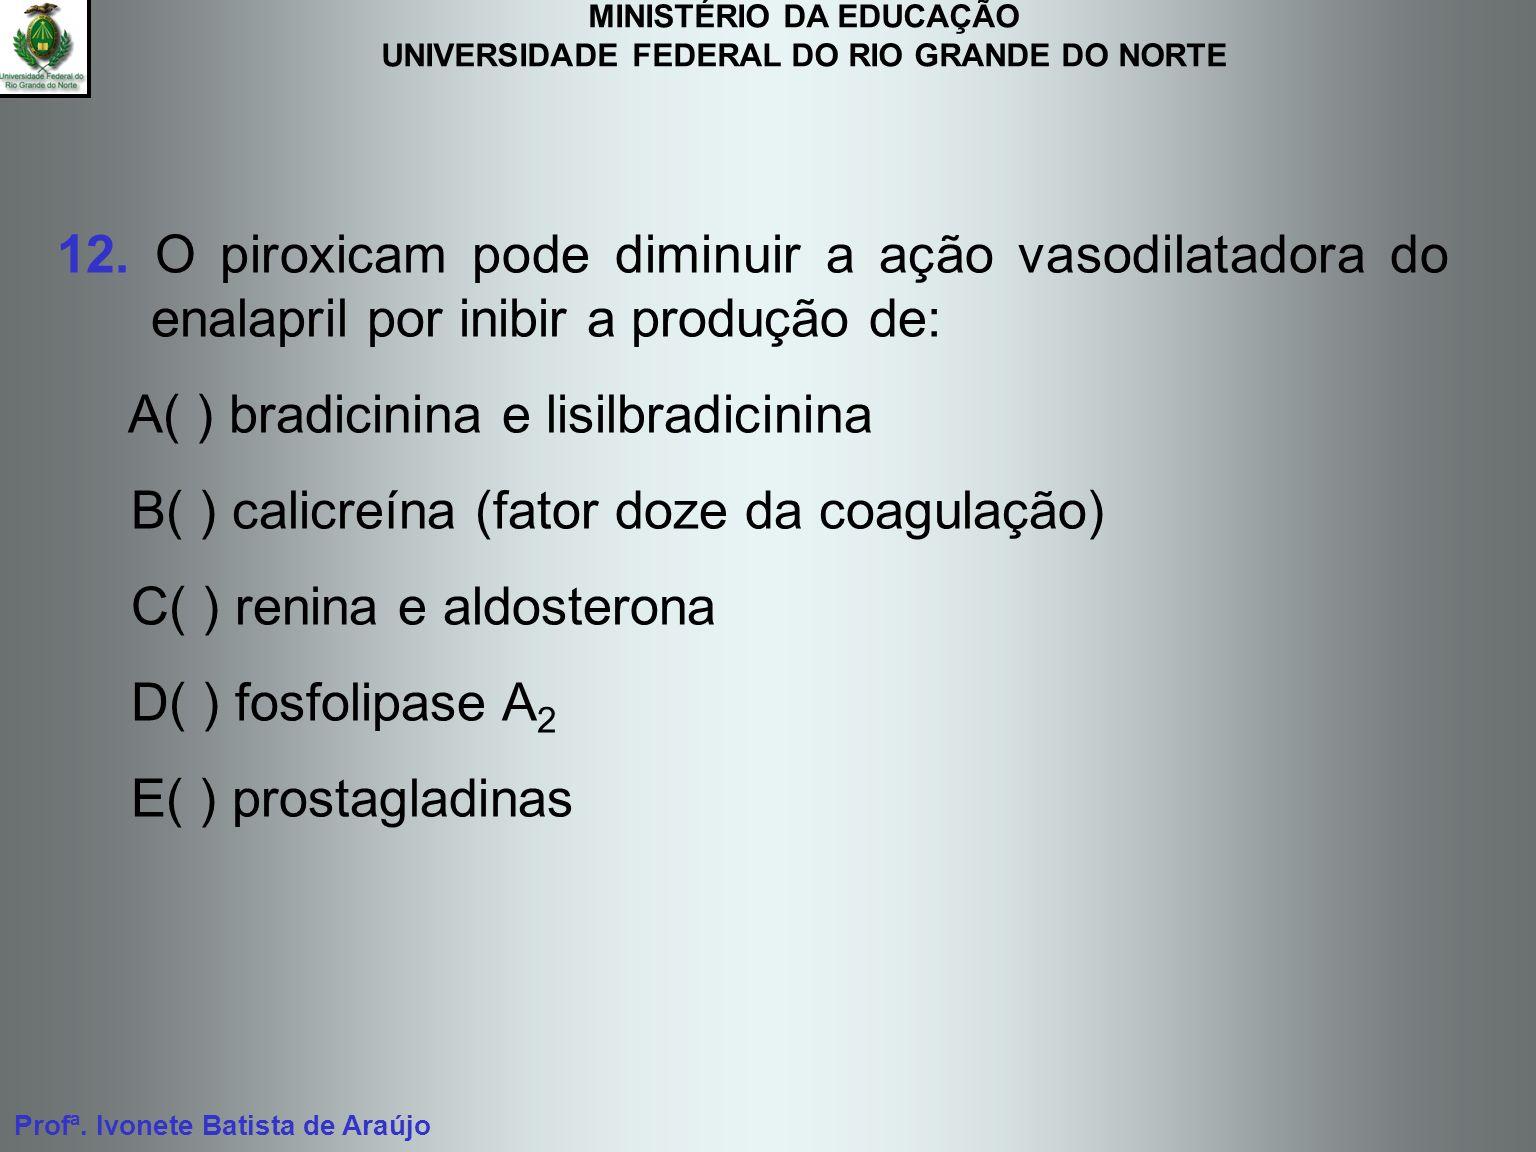 MINISTÉRIO DA EDUCAÇÃO UNIVERSIDADE FEDERAL DO RIO GRANDE DO NORTE Profª. Ivonete Batista de Araújo 12. O piroxicam pode diminuir a ação vasodilatador